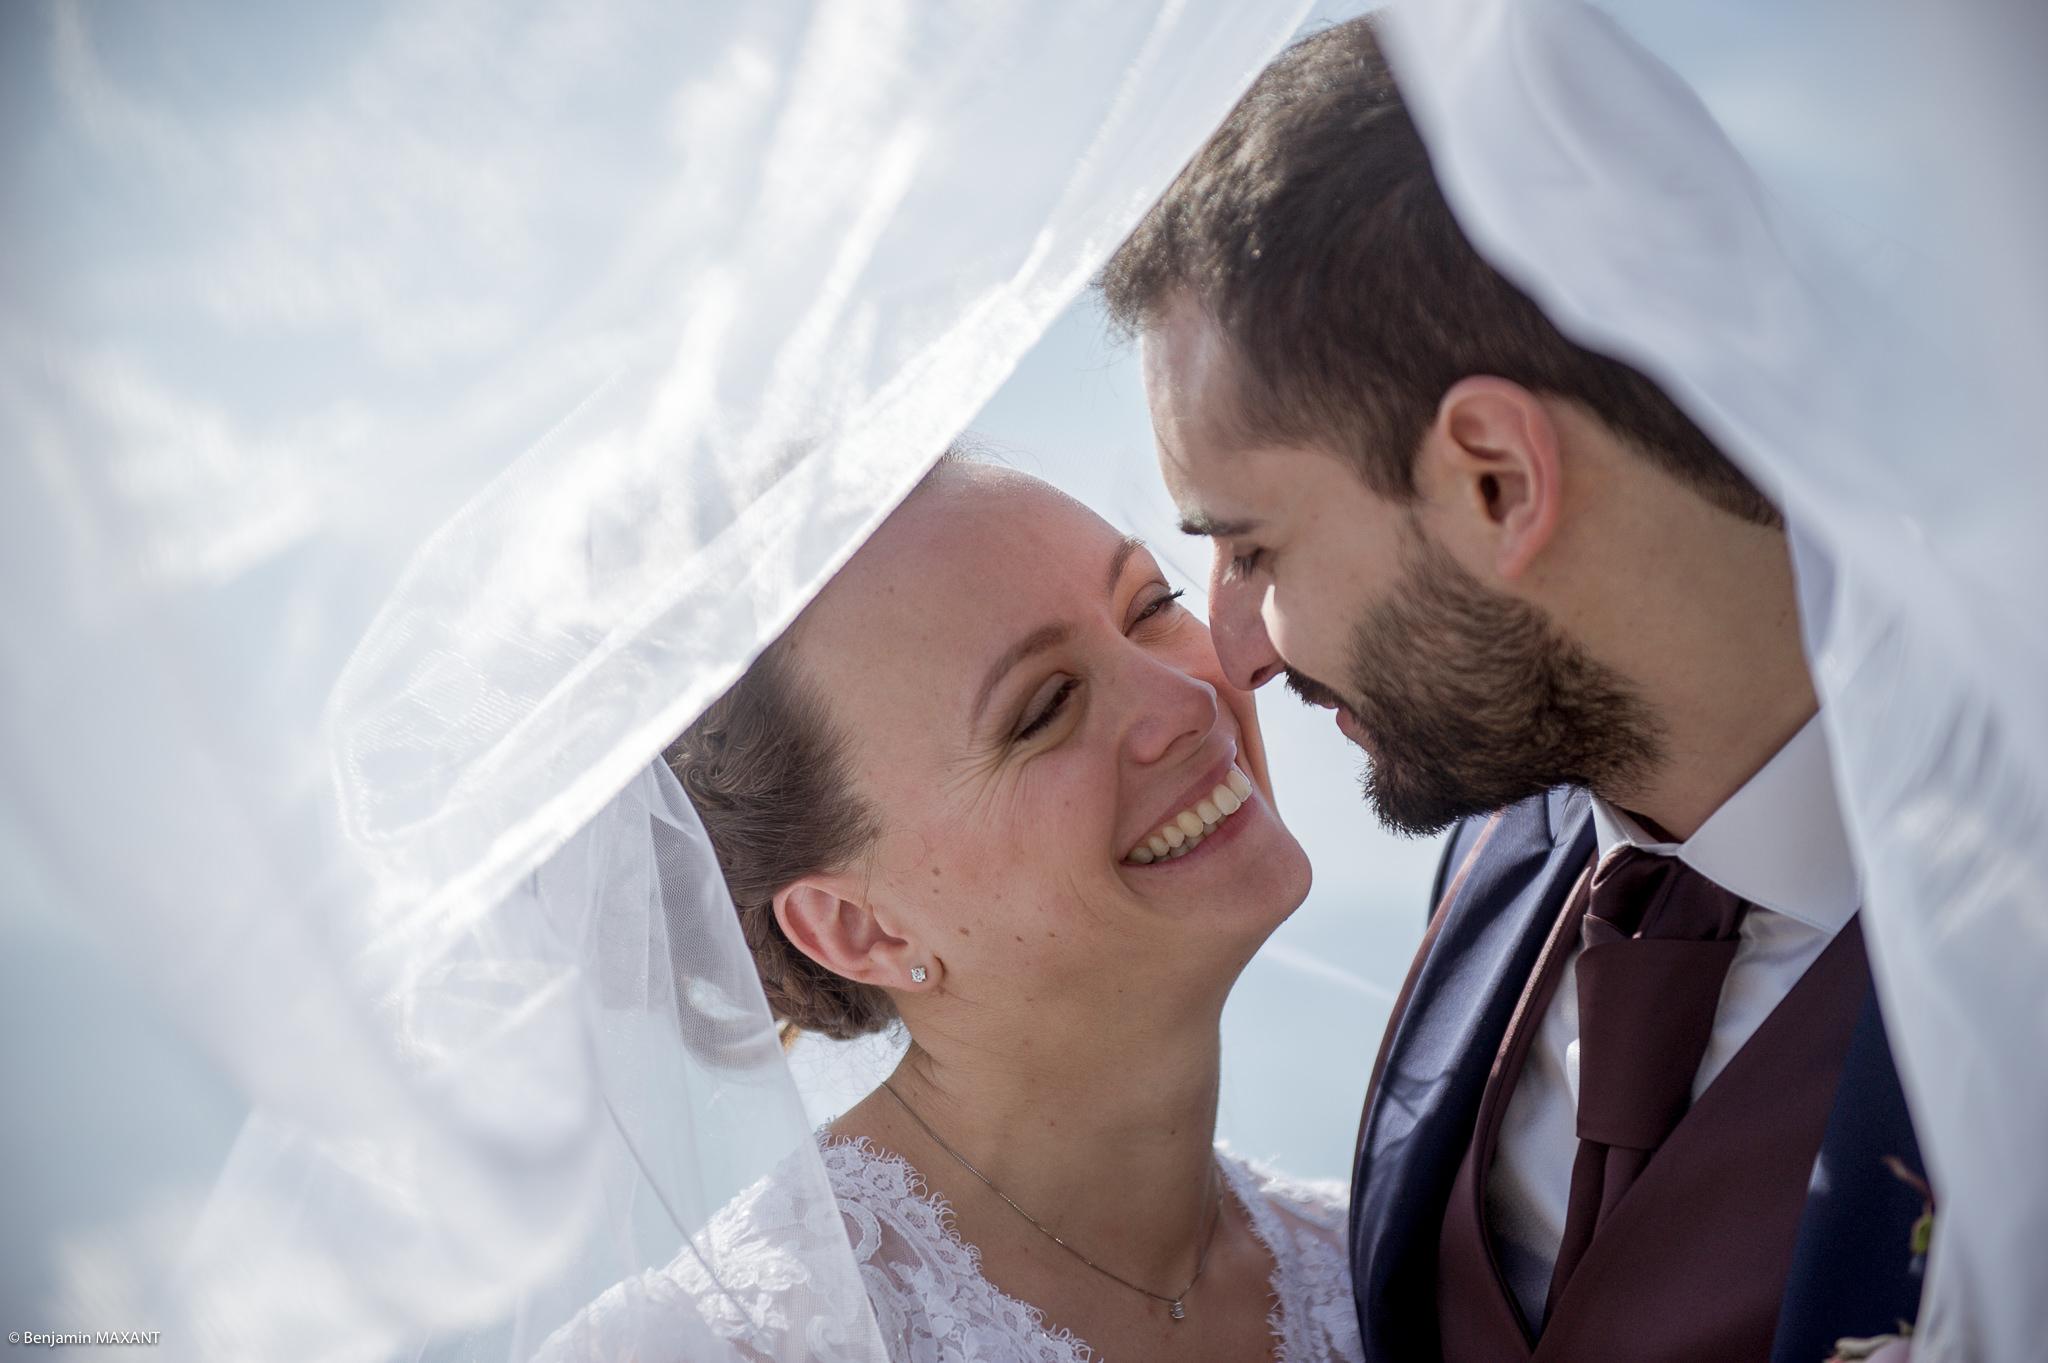 Mariage Valentine Nicholas à Menton - séance photo mariés - cachés sous le voile